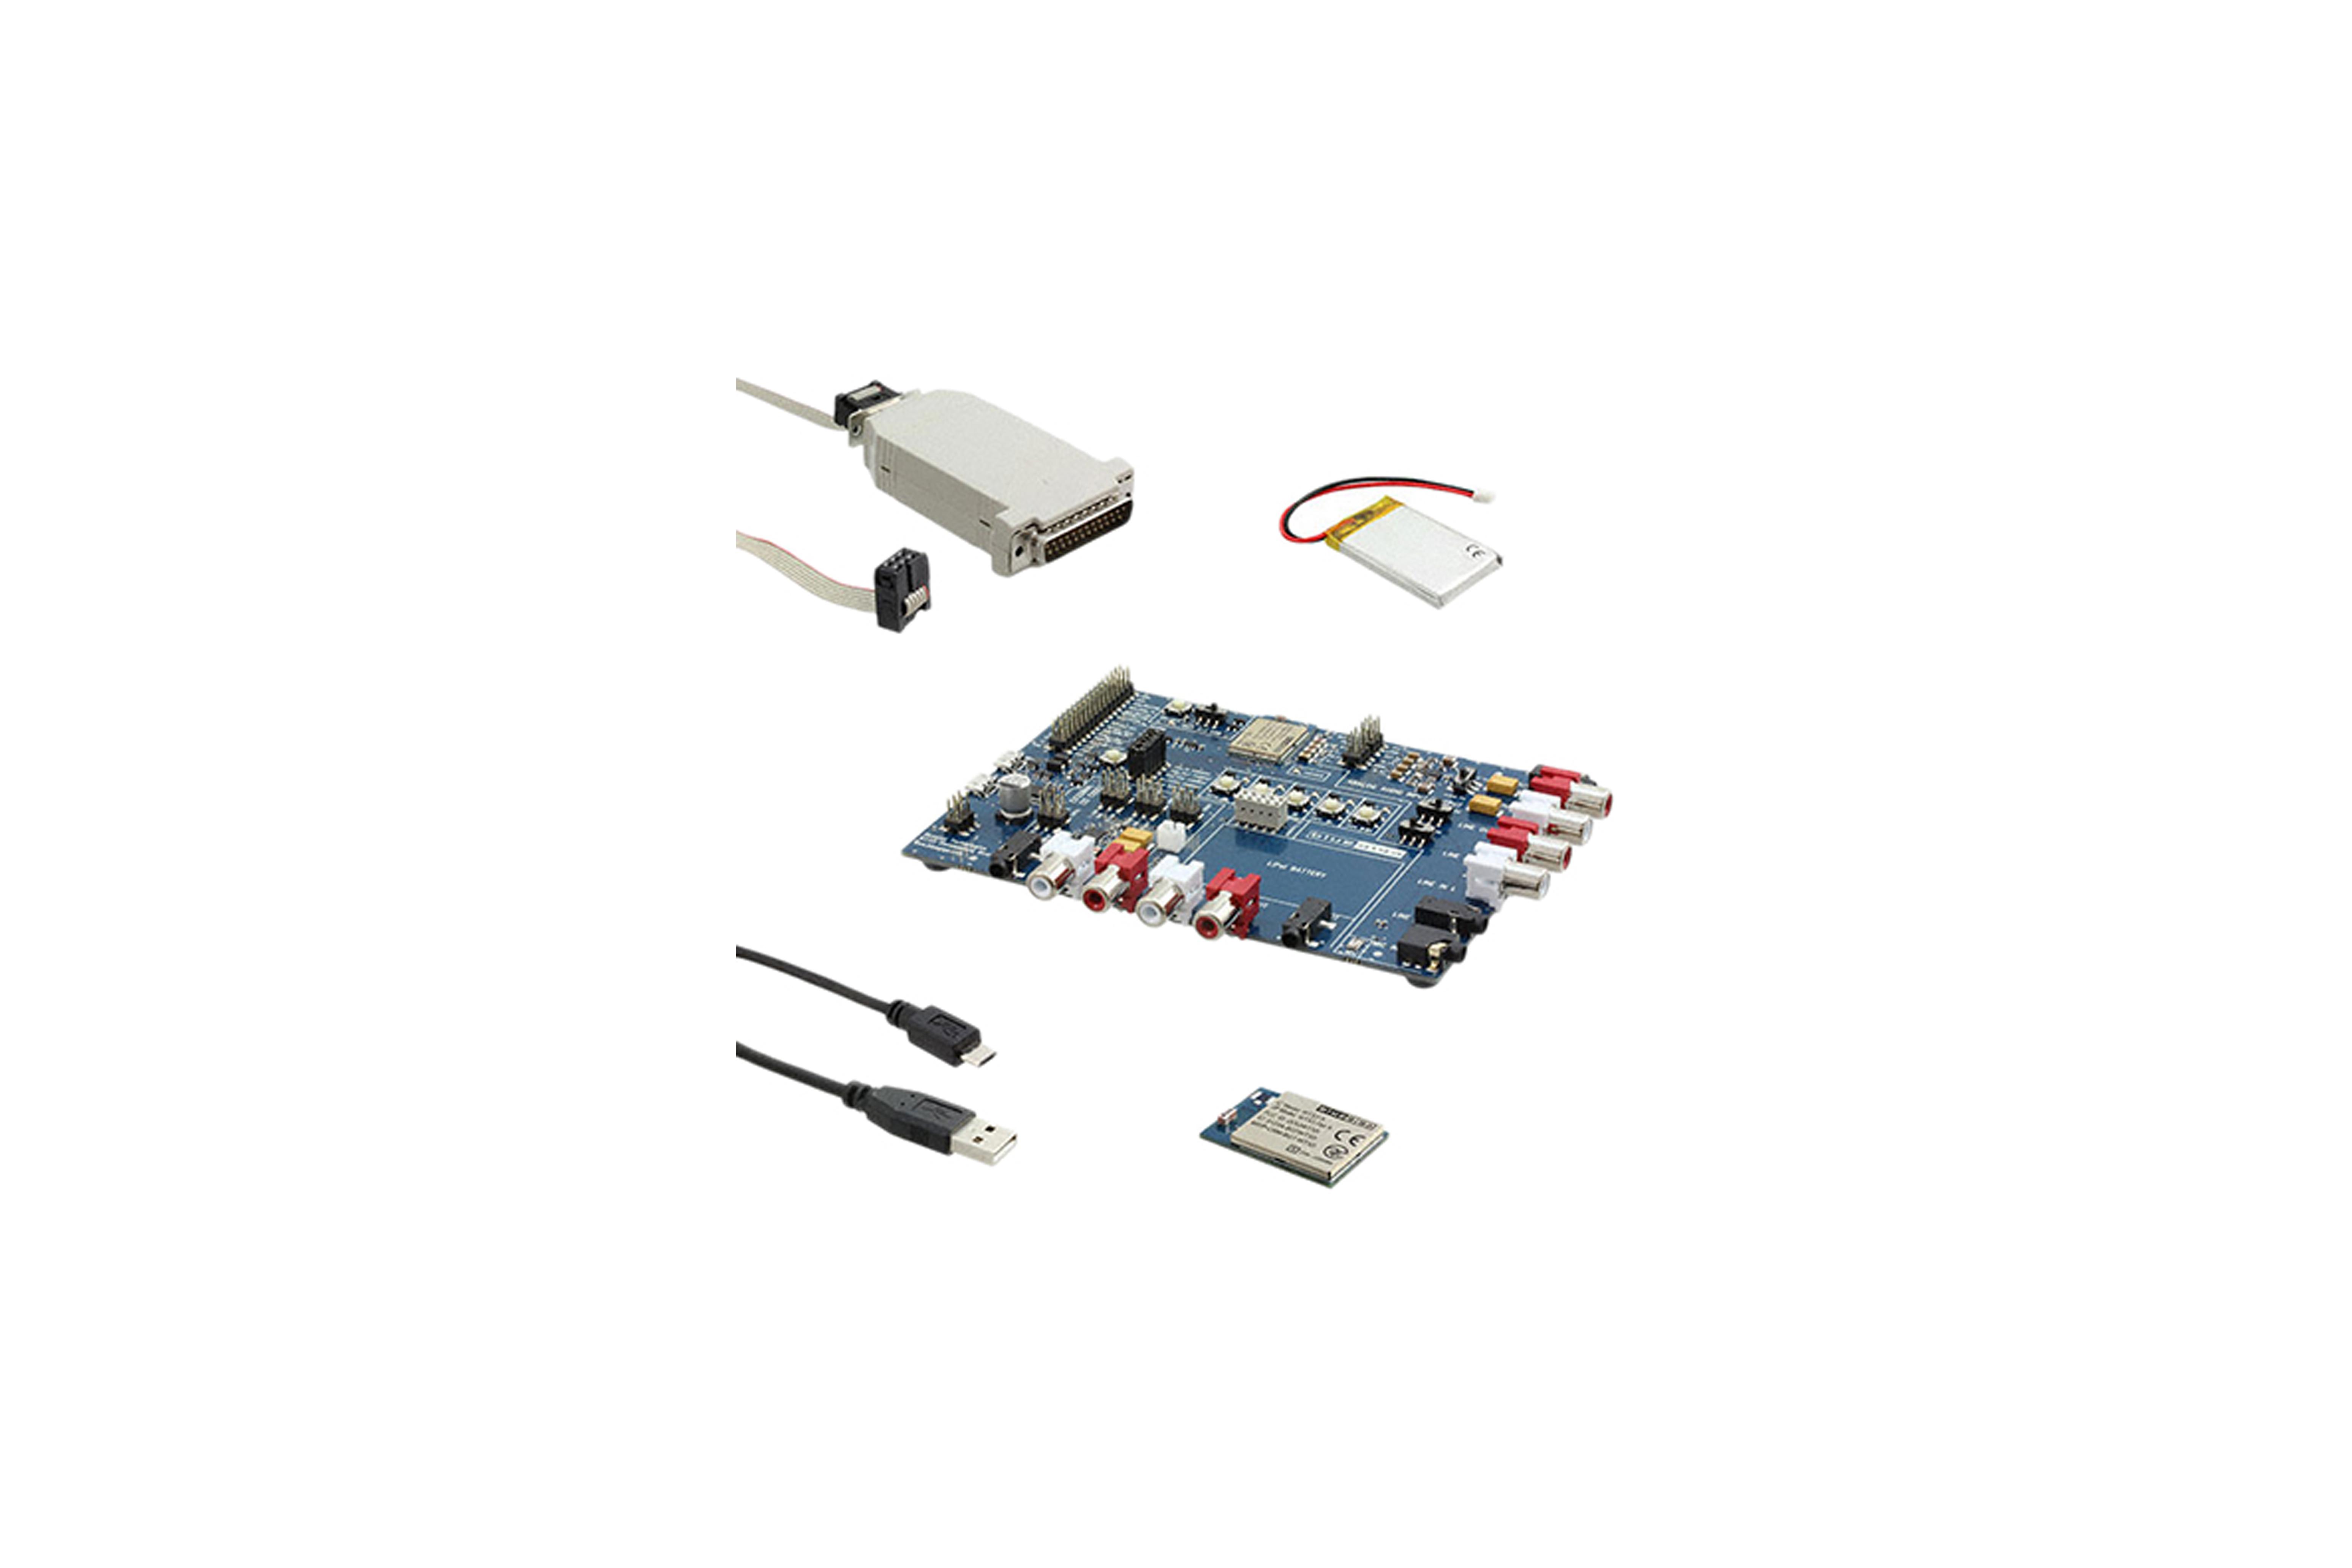 Kit svil Bluetooth, modulo audio WT32i